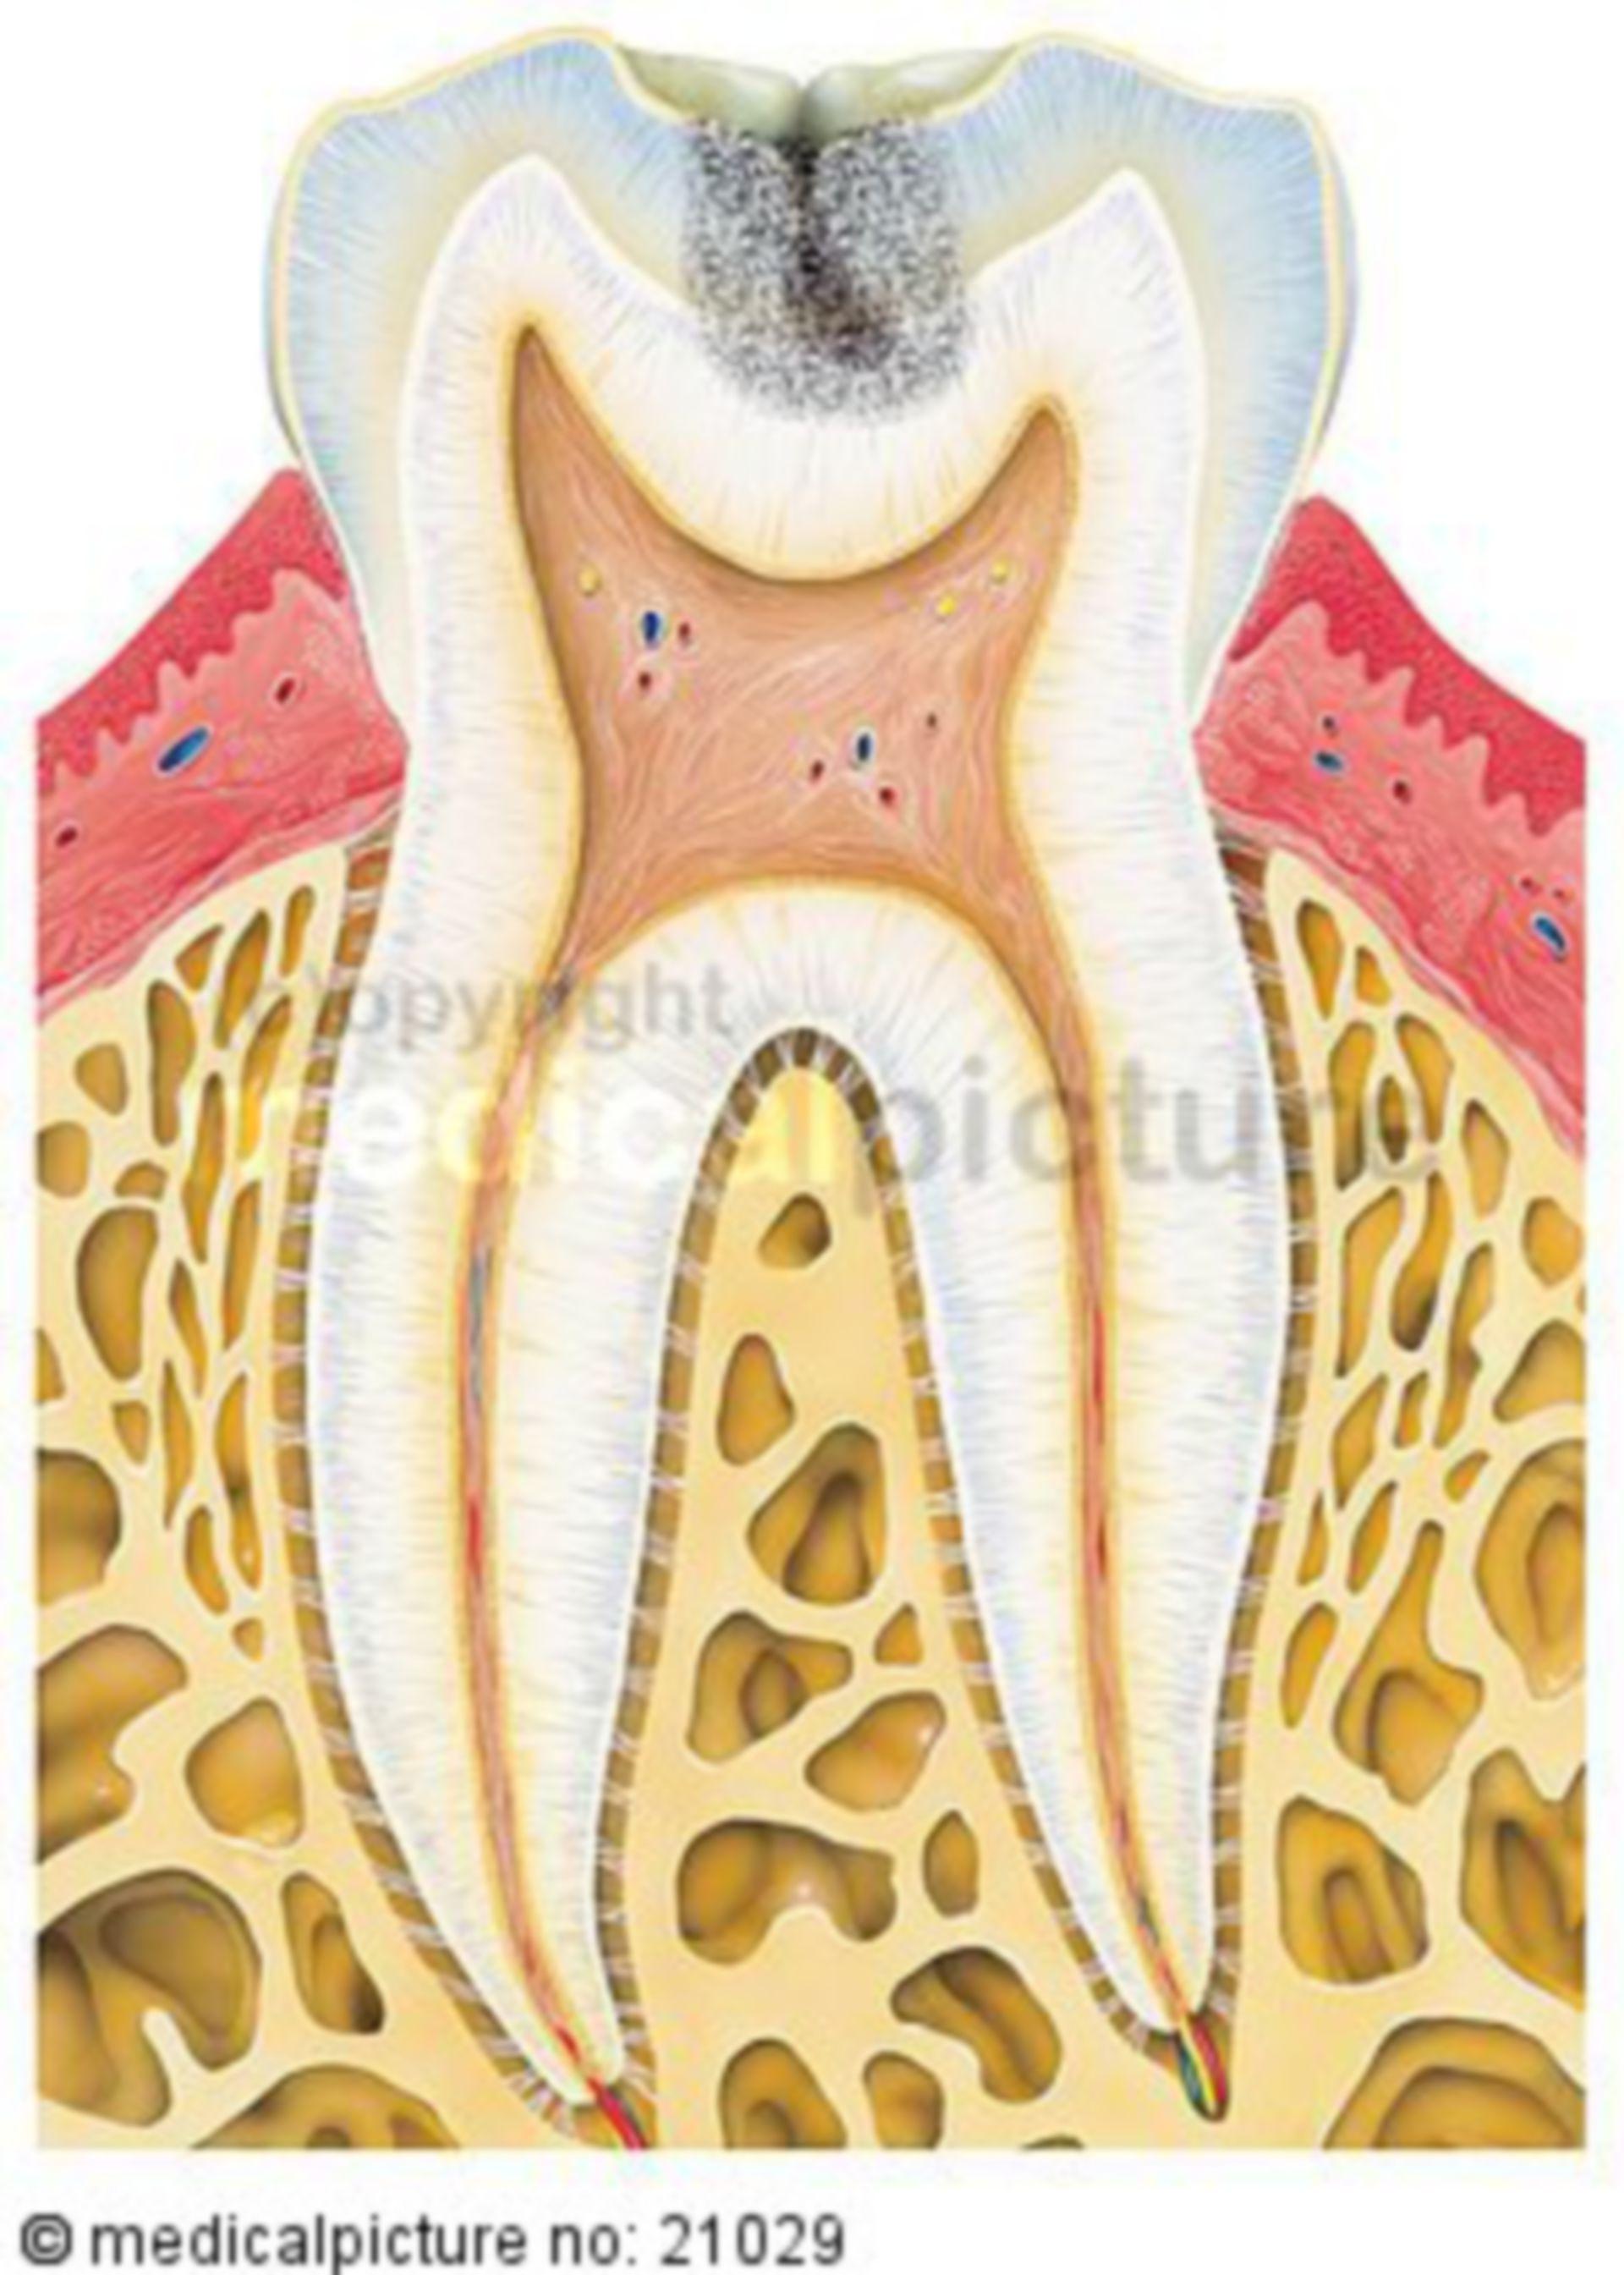 Karies befallener Zahn